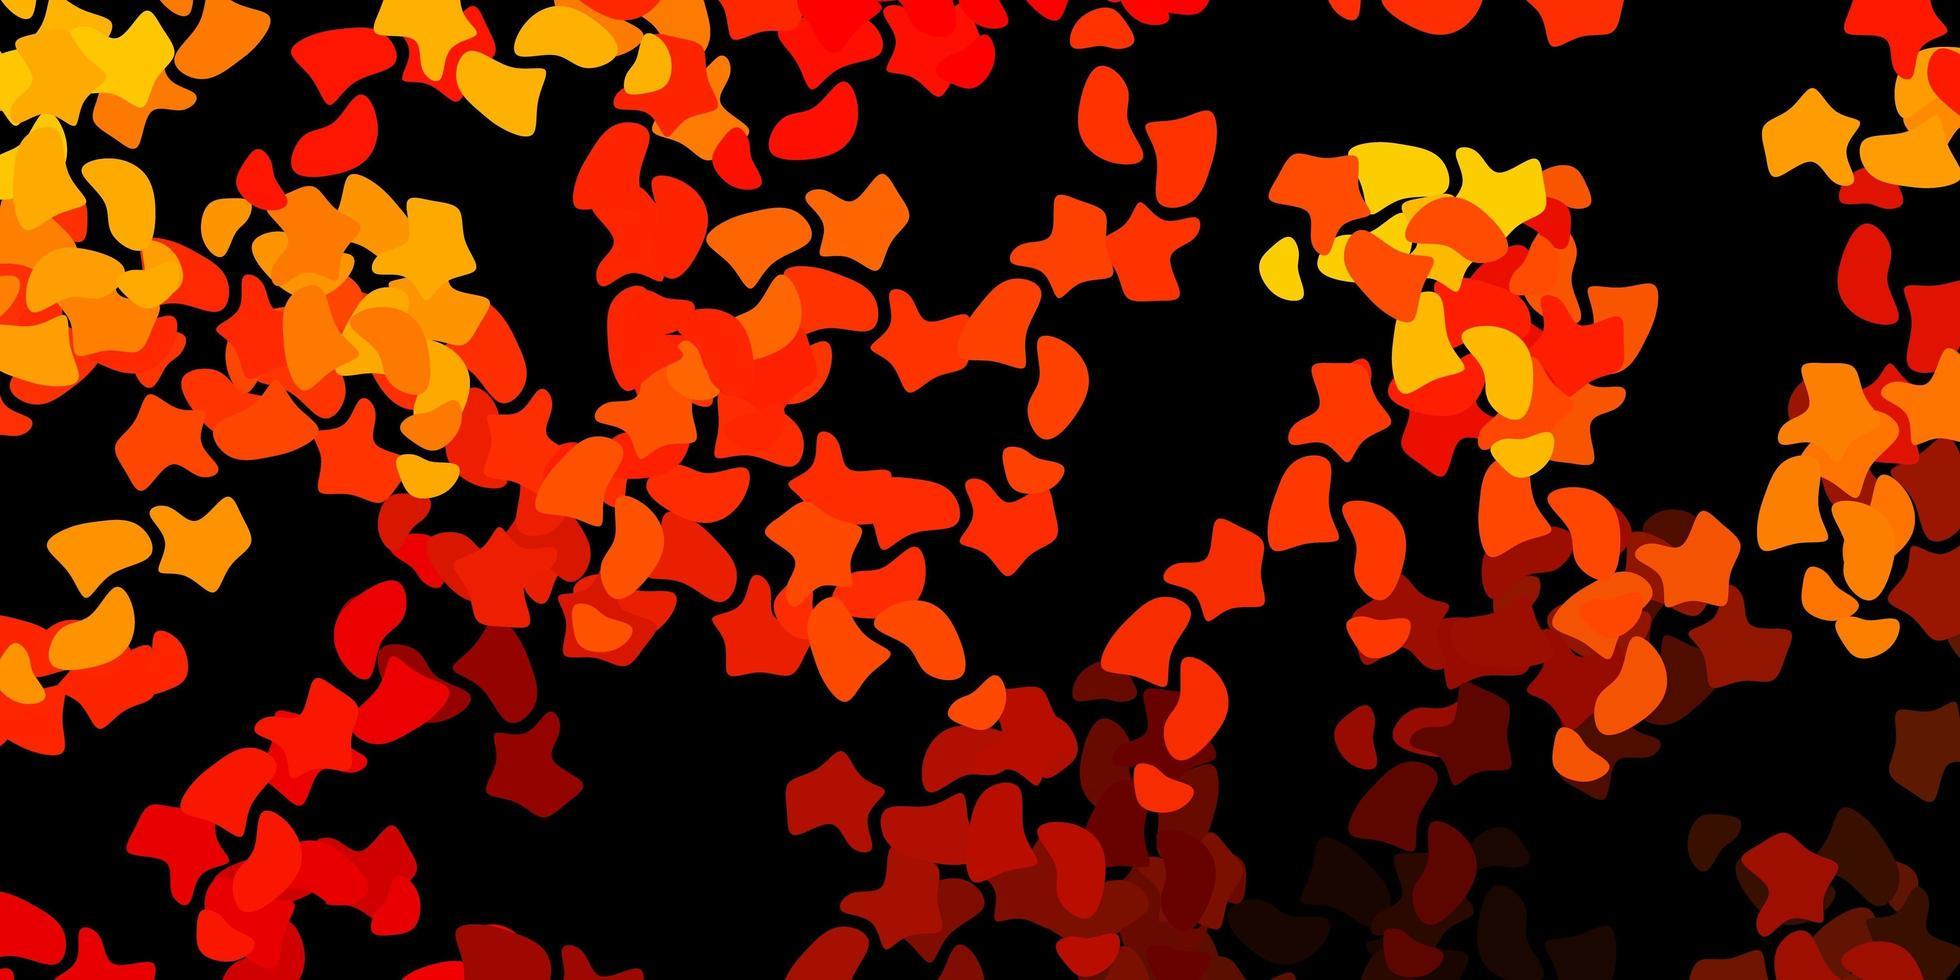 mörk orange vektor bakgrund med slumpmässiga former.